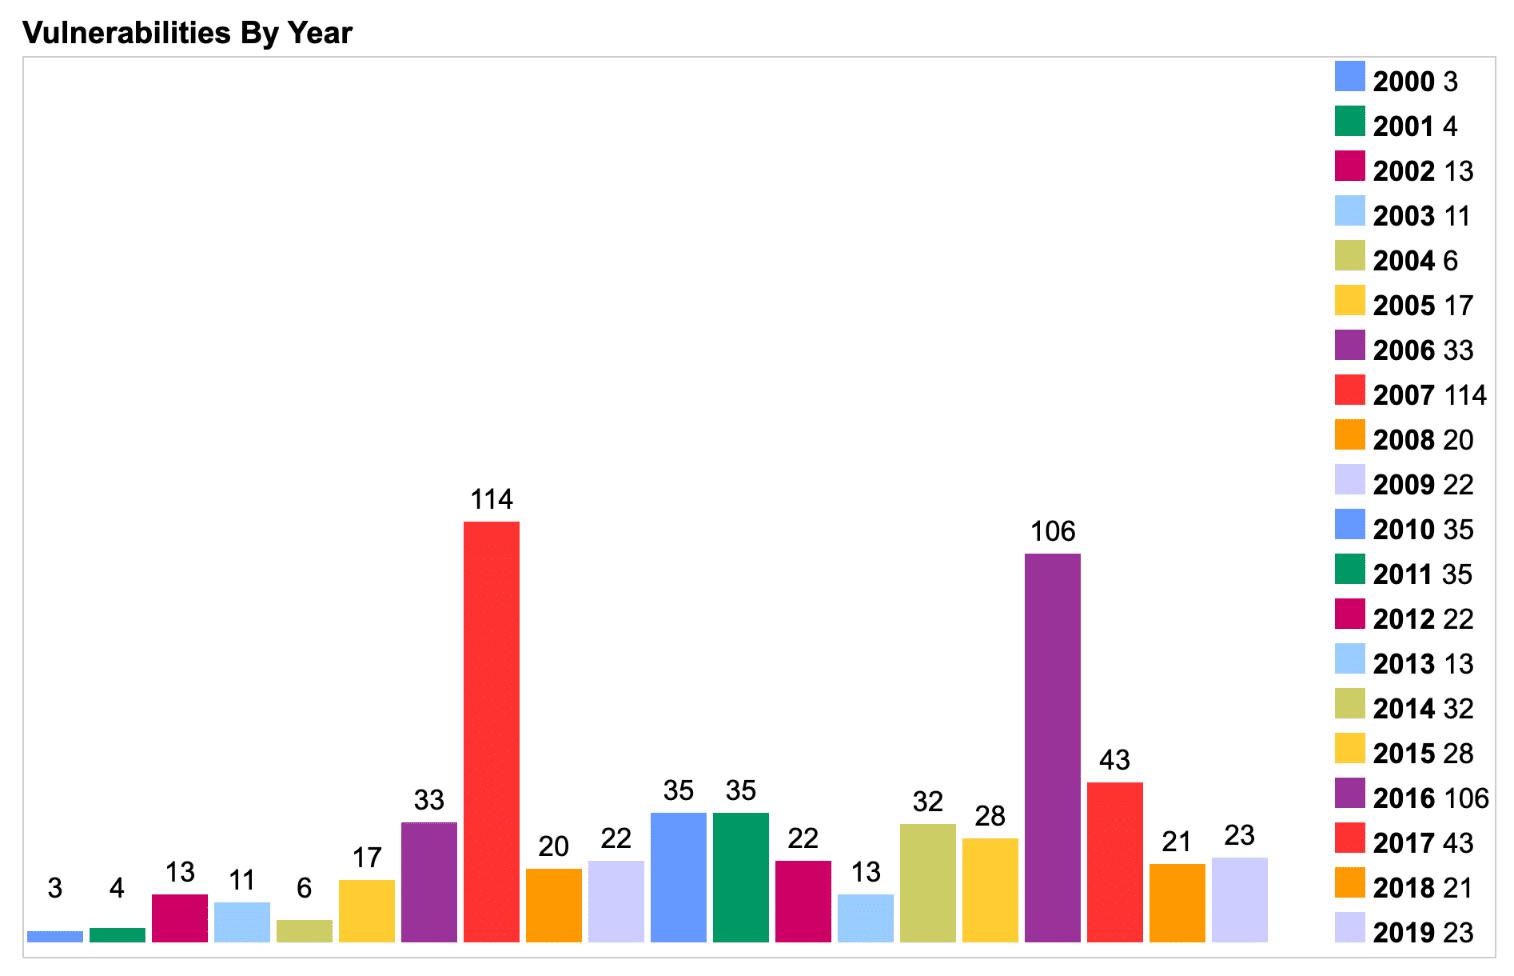 PHP säkerhetssårbarheter per år